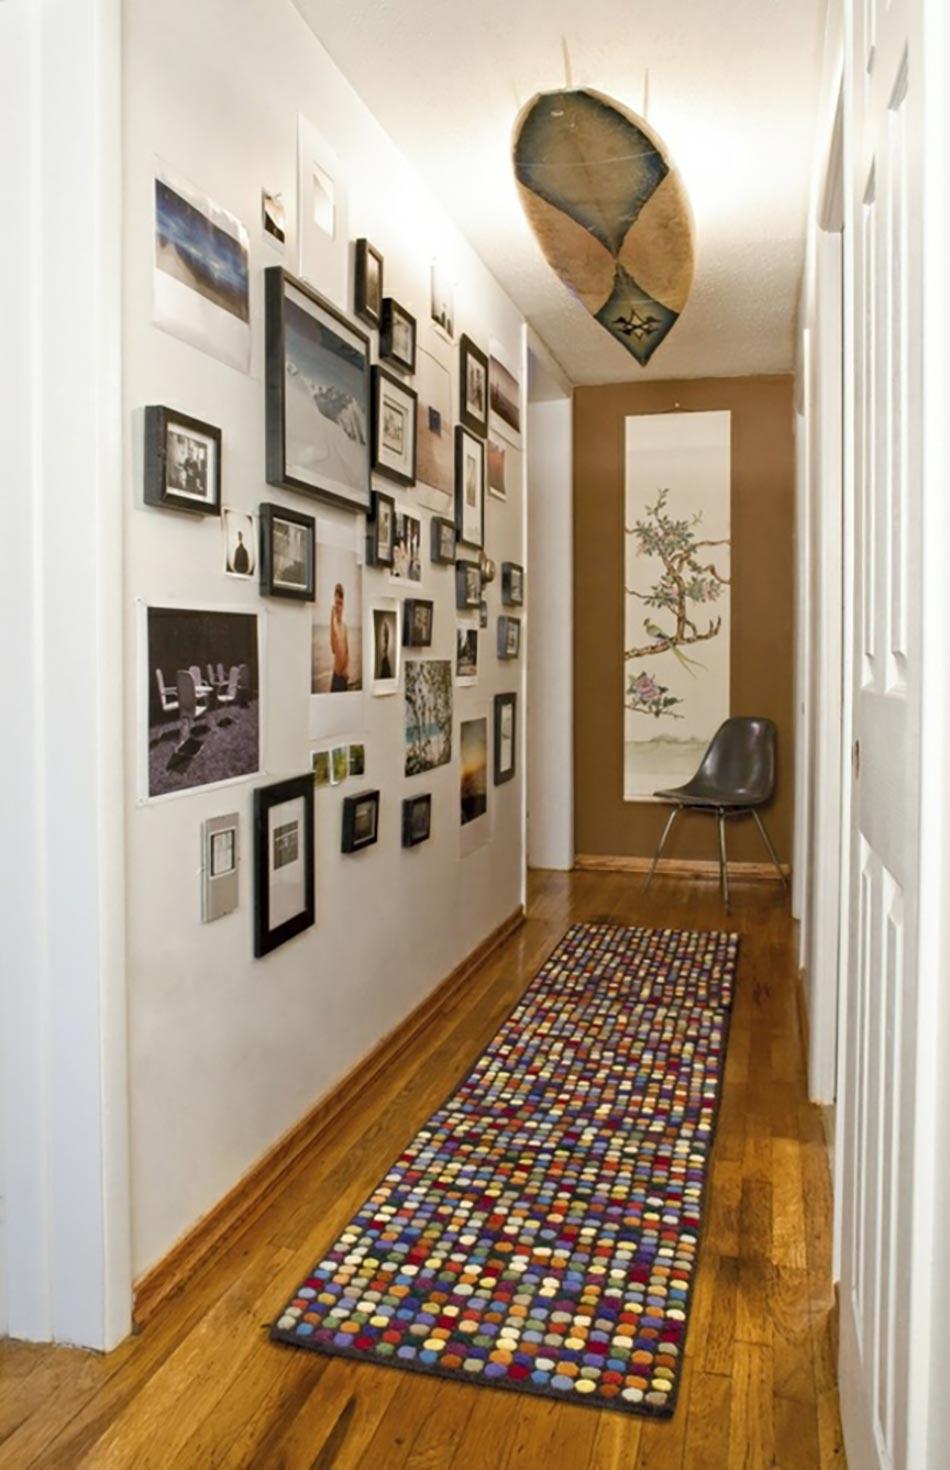 Des id es de d coration pour nos couloirs design feria - Tableau pour deco couloir ...